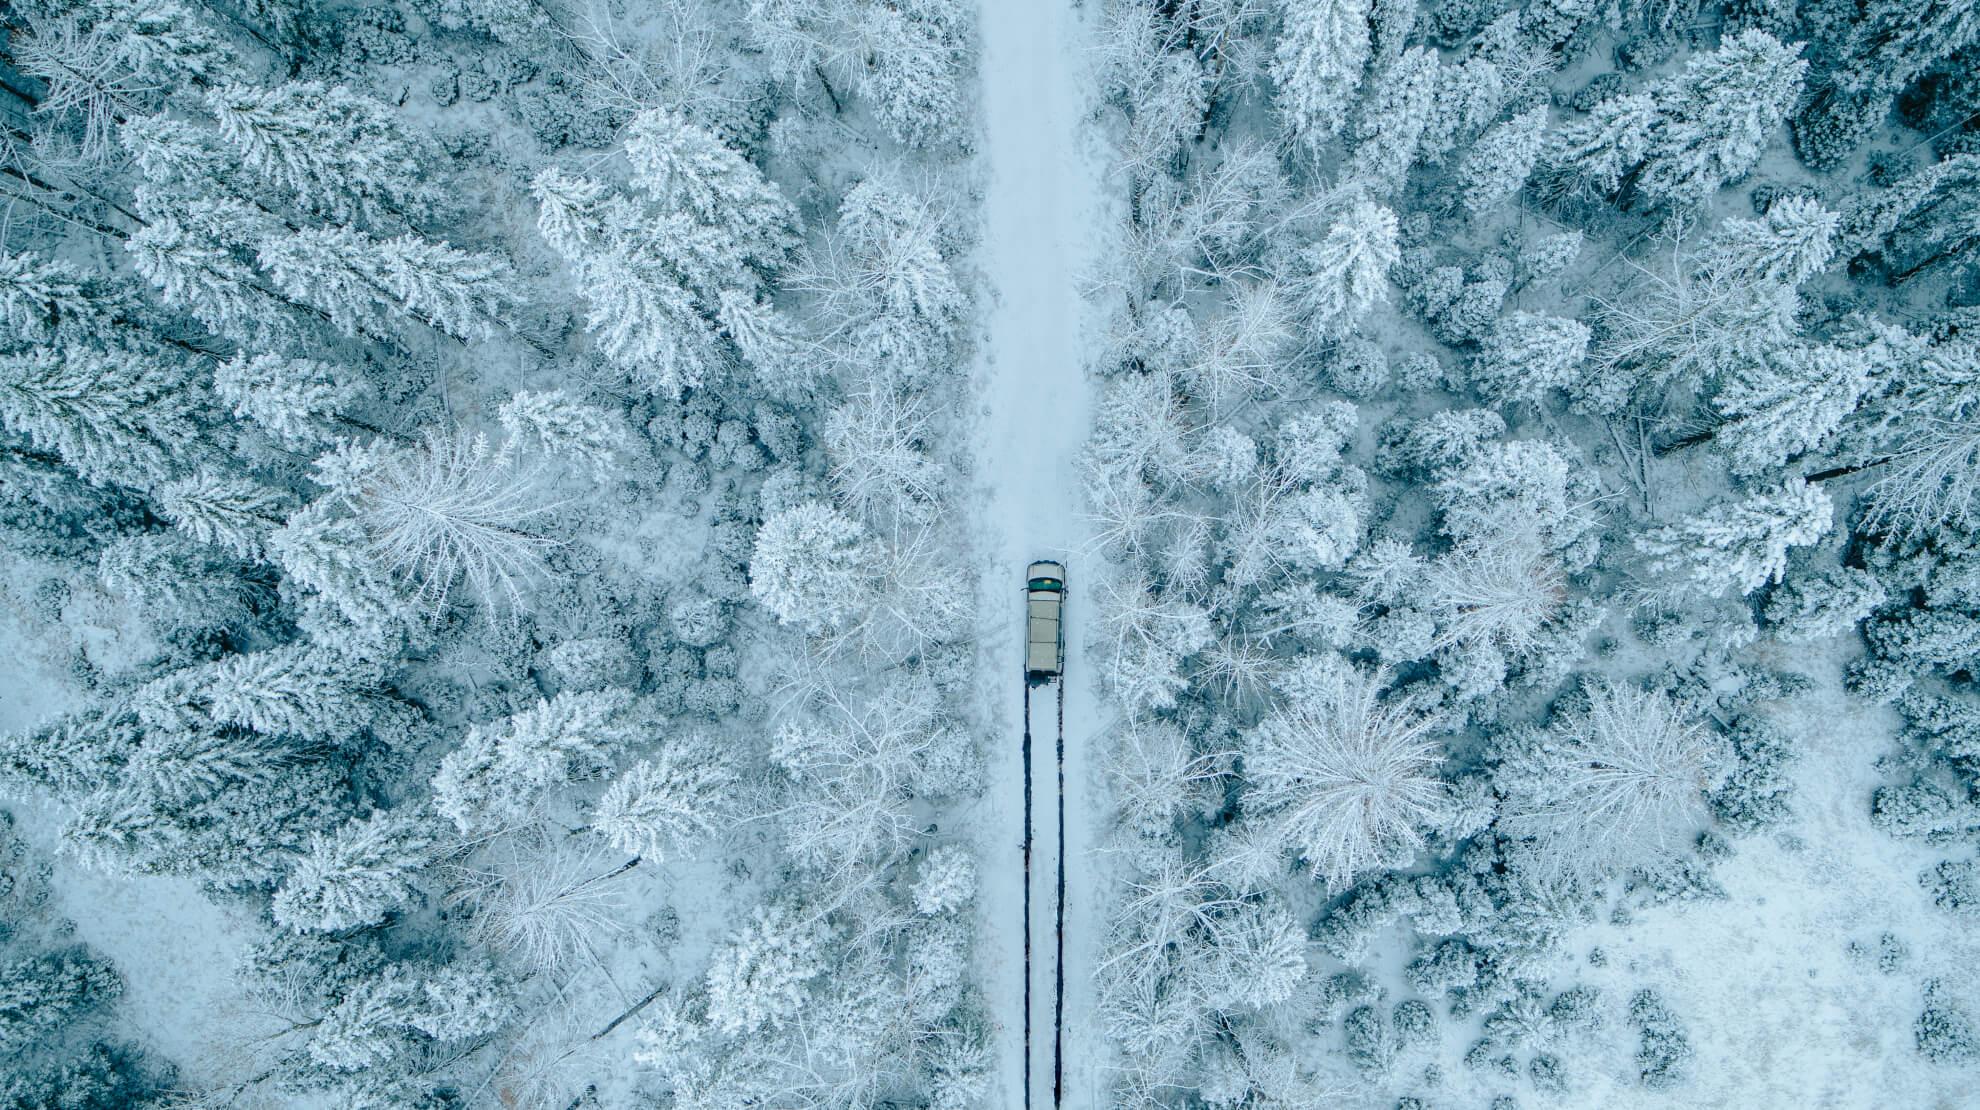 ROAMERICA campervan winter road trip - BX Films